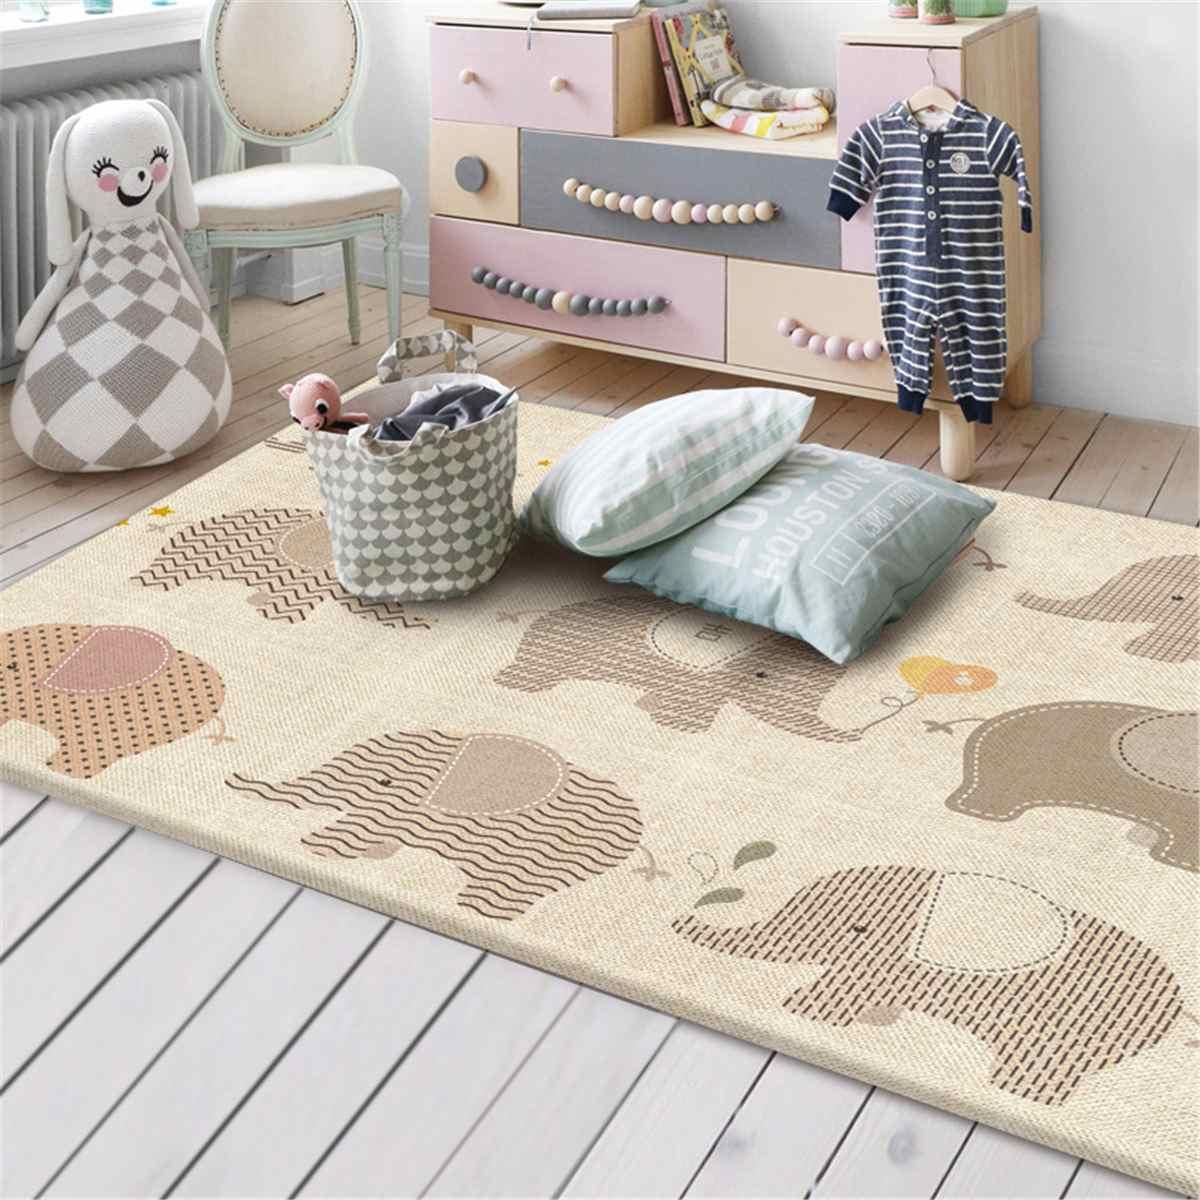 Tapis de jeu pour bébé 200*180cm tapis de Puzzle doux pour enfant en bas âge tapis de jeu rampant couverture Double face Tapete Infantil